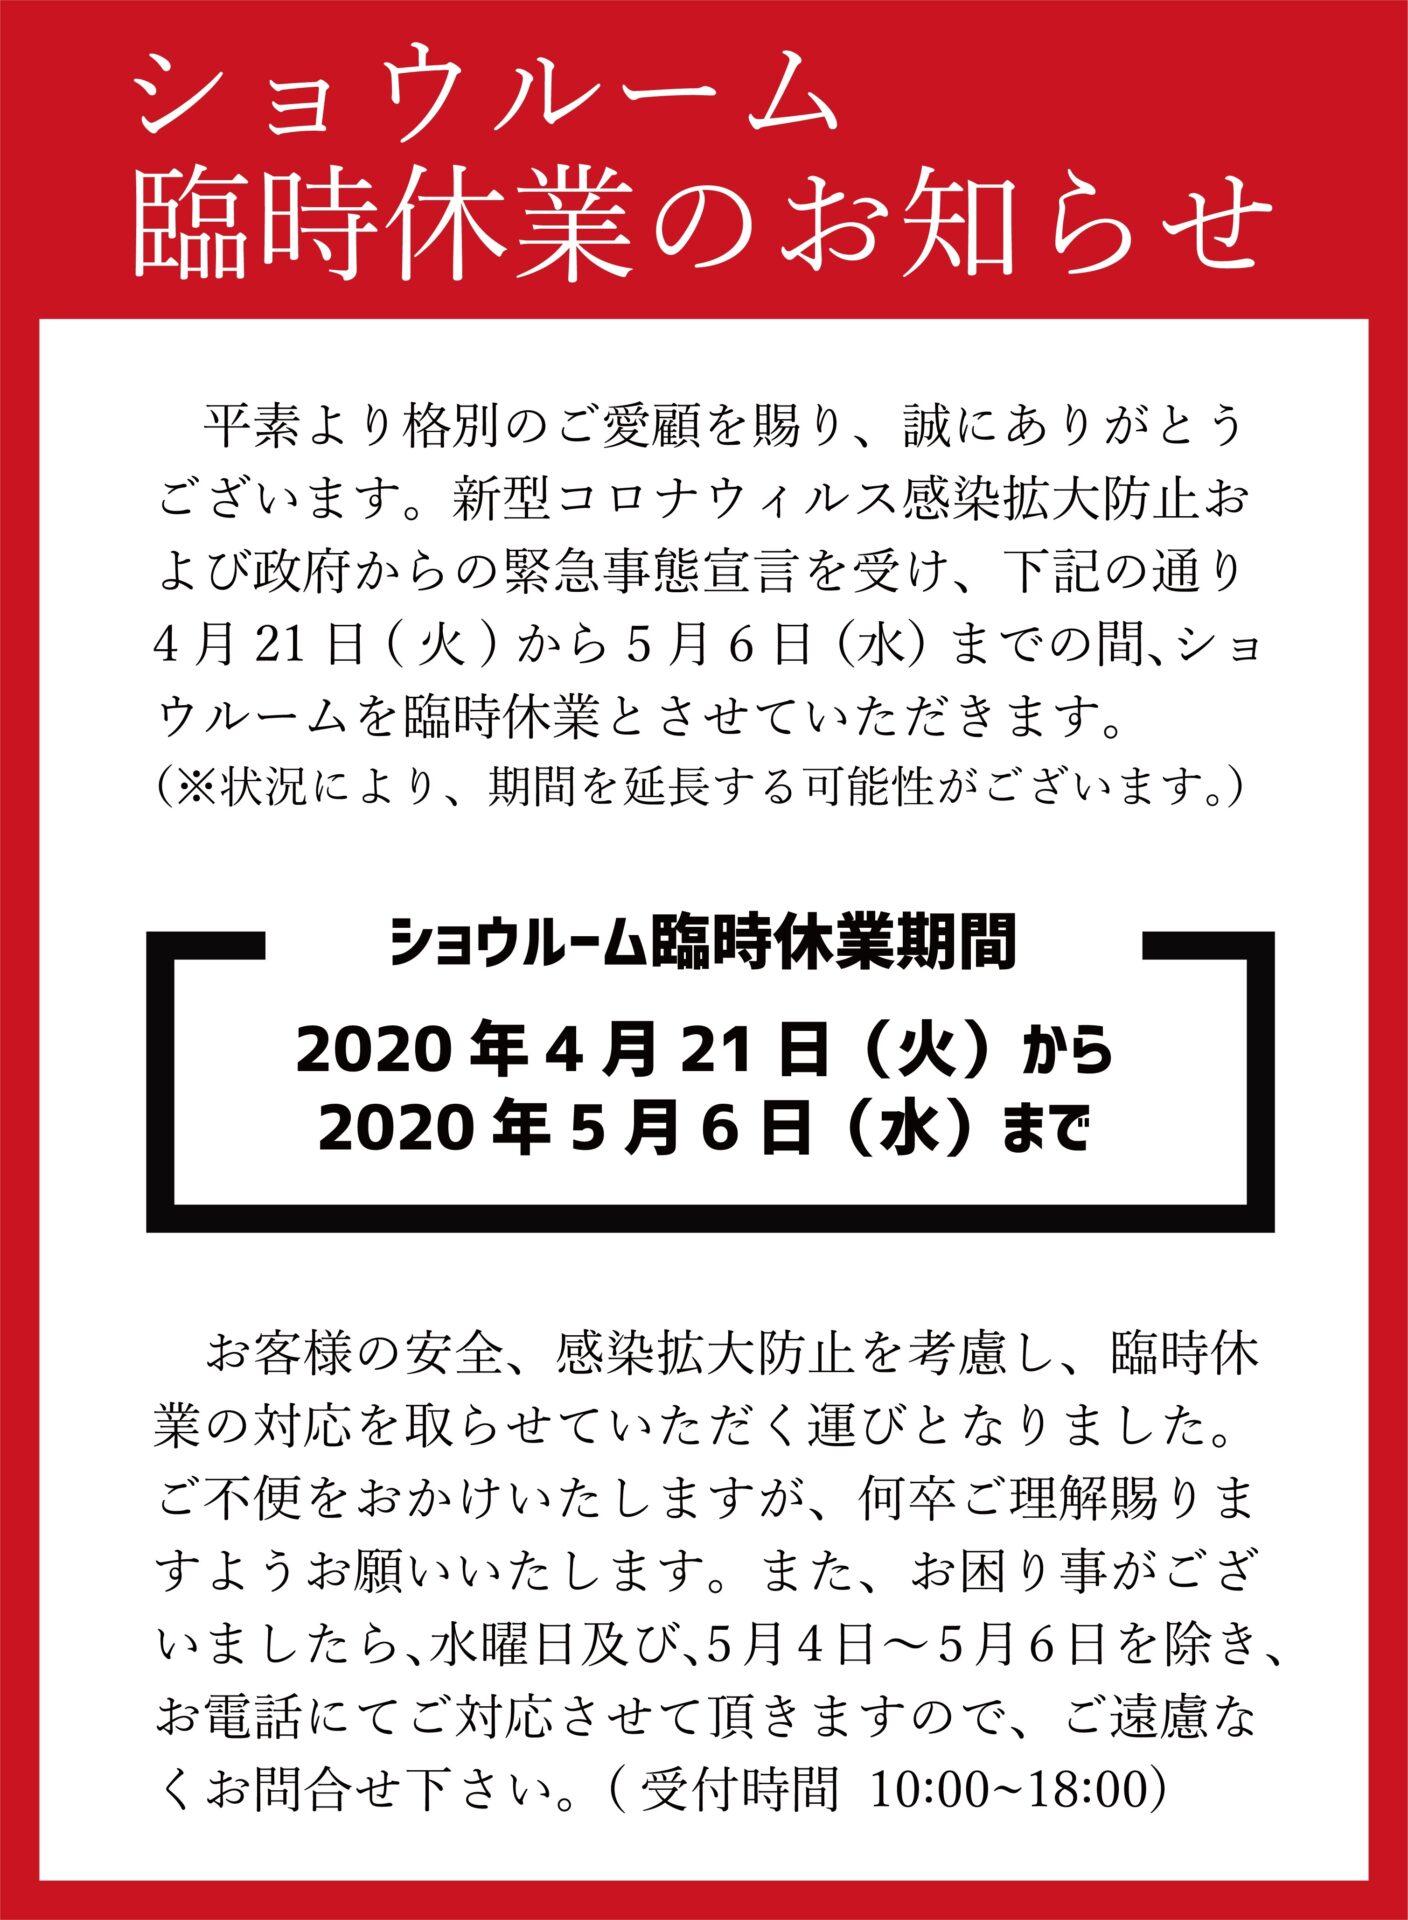 【コロナ休業】ハピラクWEBUP用fr